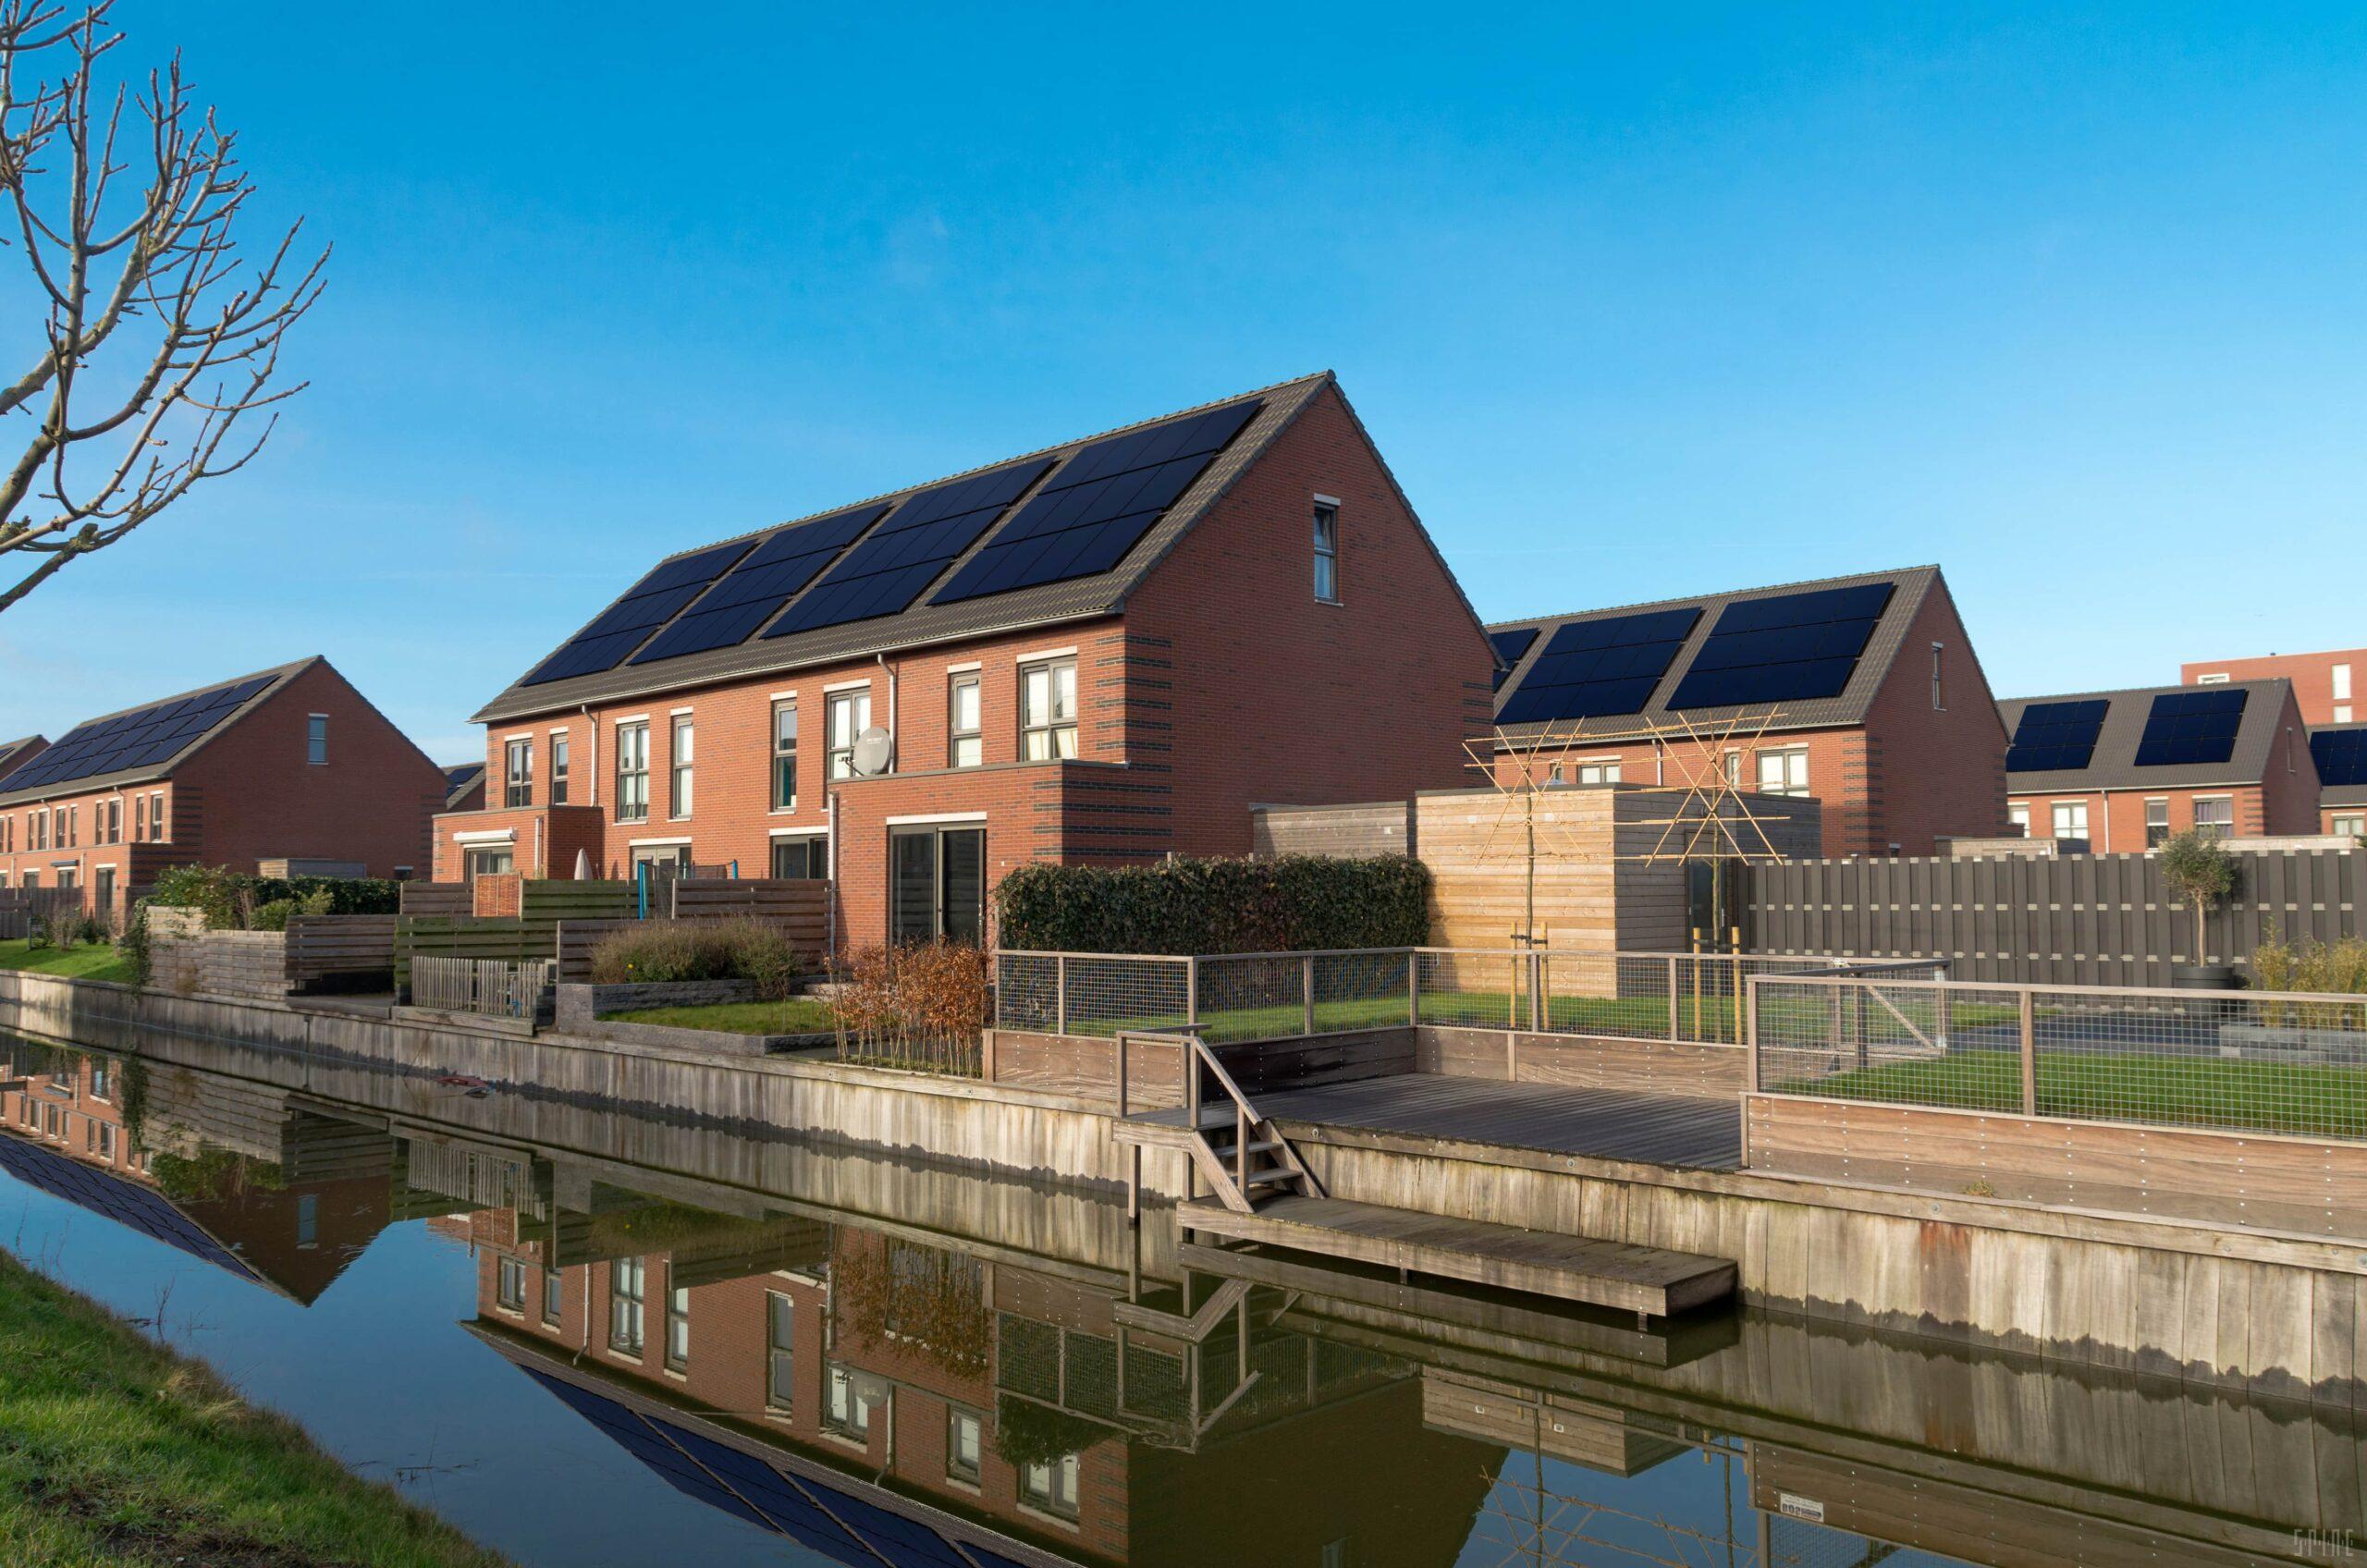 Energreen installateur solaire photovoltaïquer certifié Elite Partner Sunpower